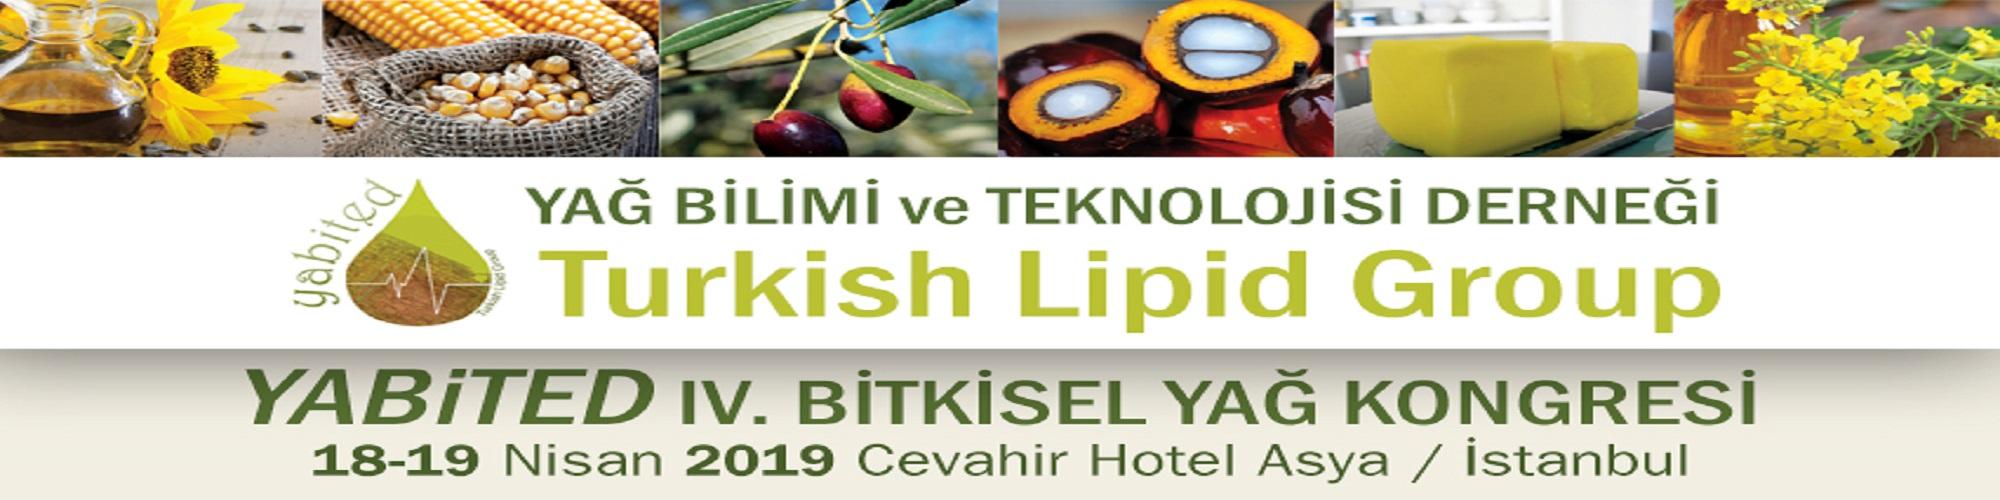 Yabited kongre banner2